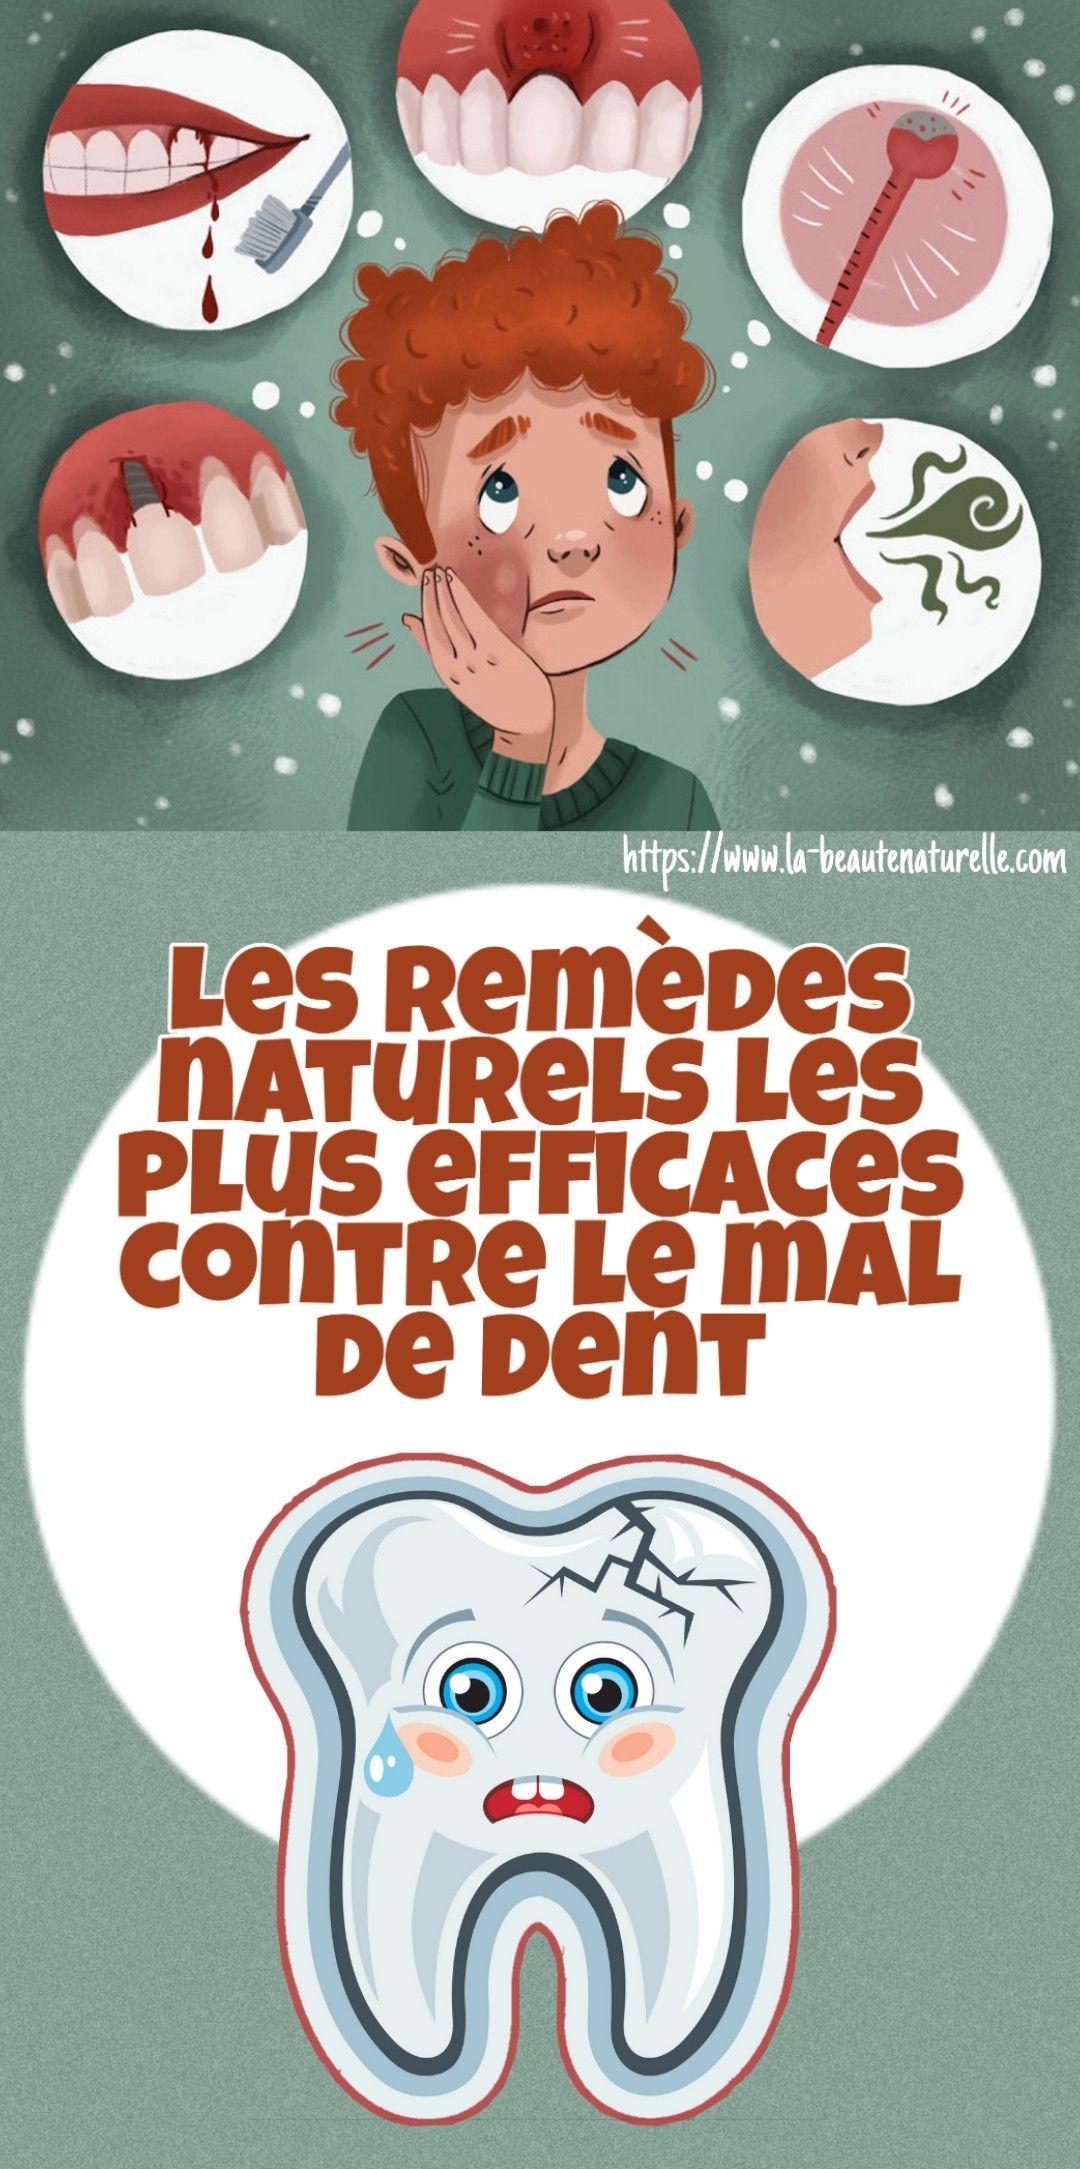 Les remèdes naturels les plus efficaces contre le mal de